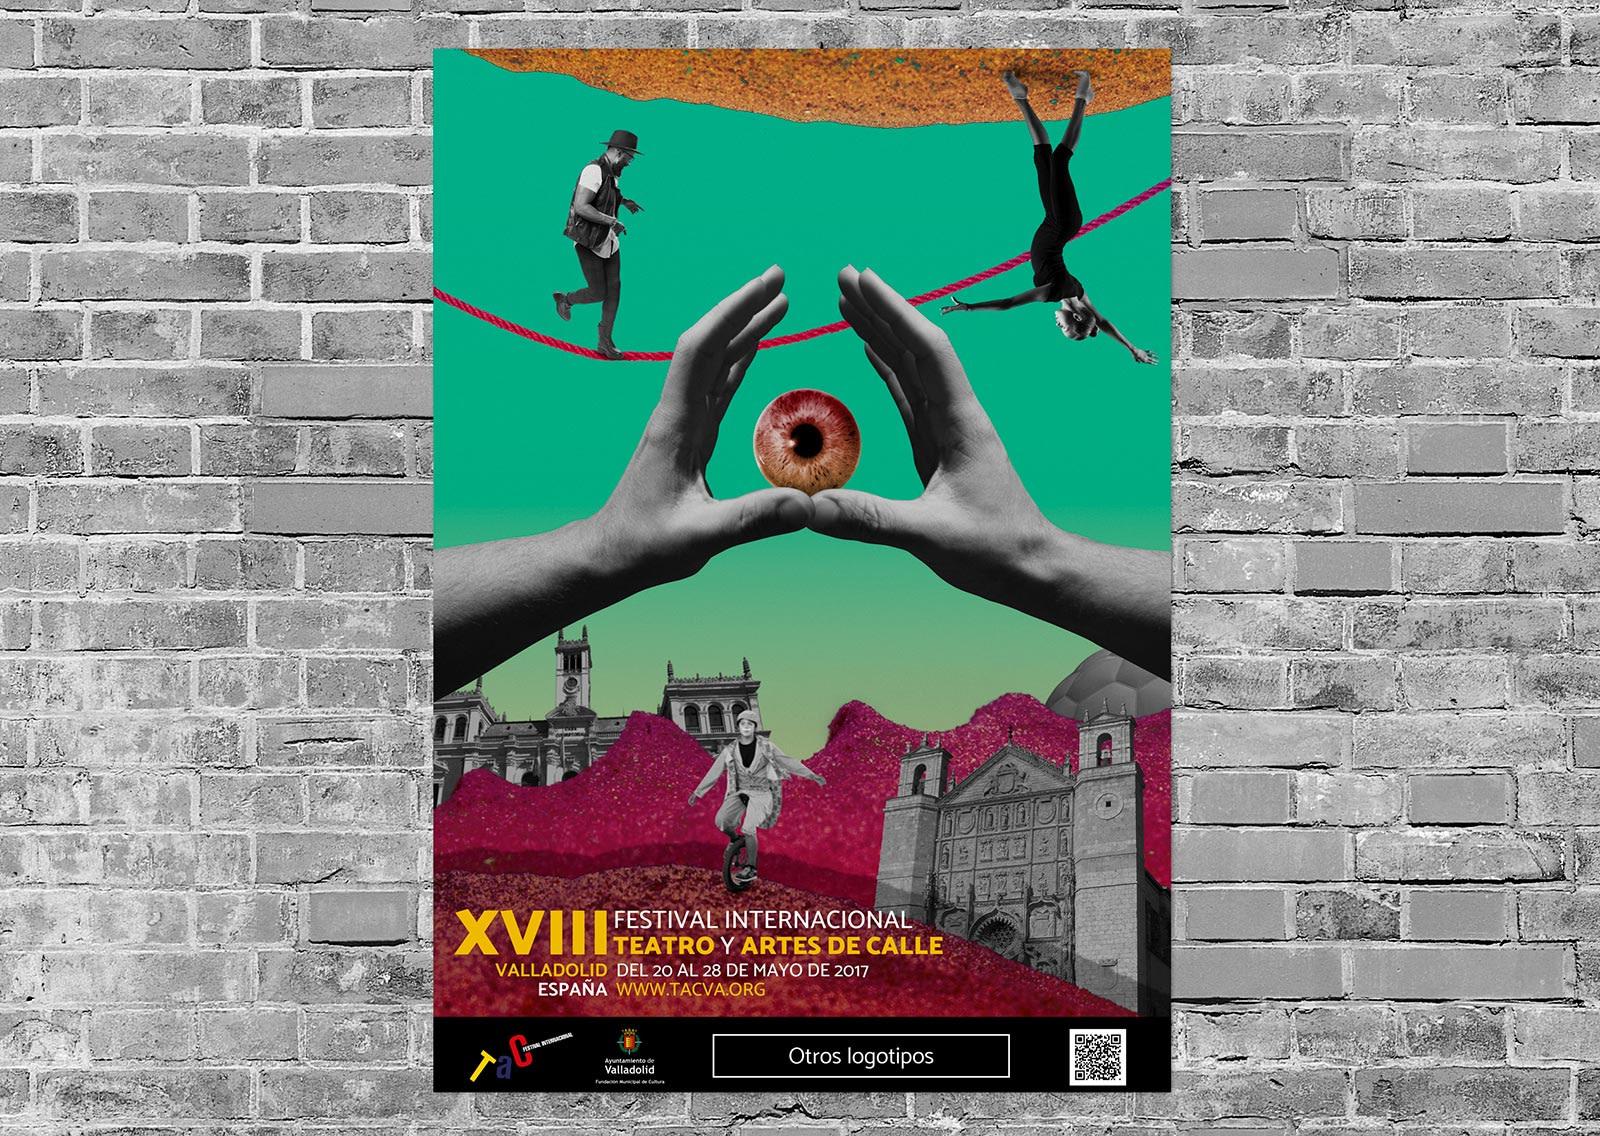 Cartel - Propuesta de campaña de publicidad - TAC 2017 Valladolid